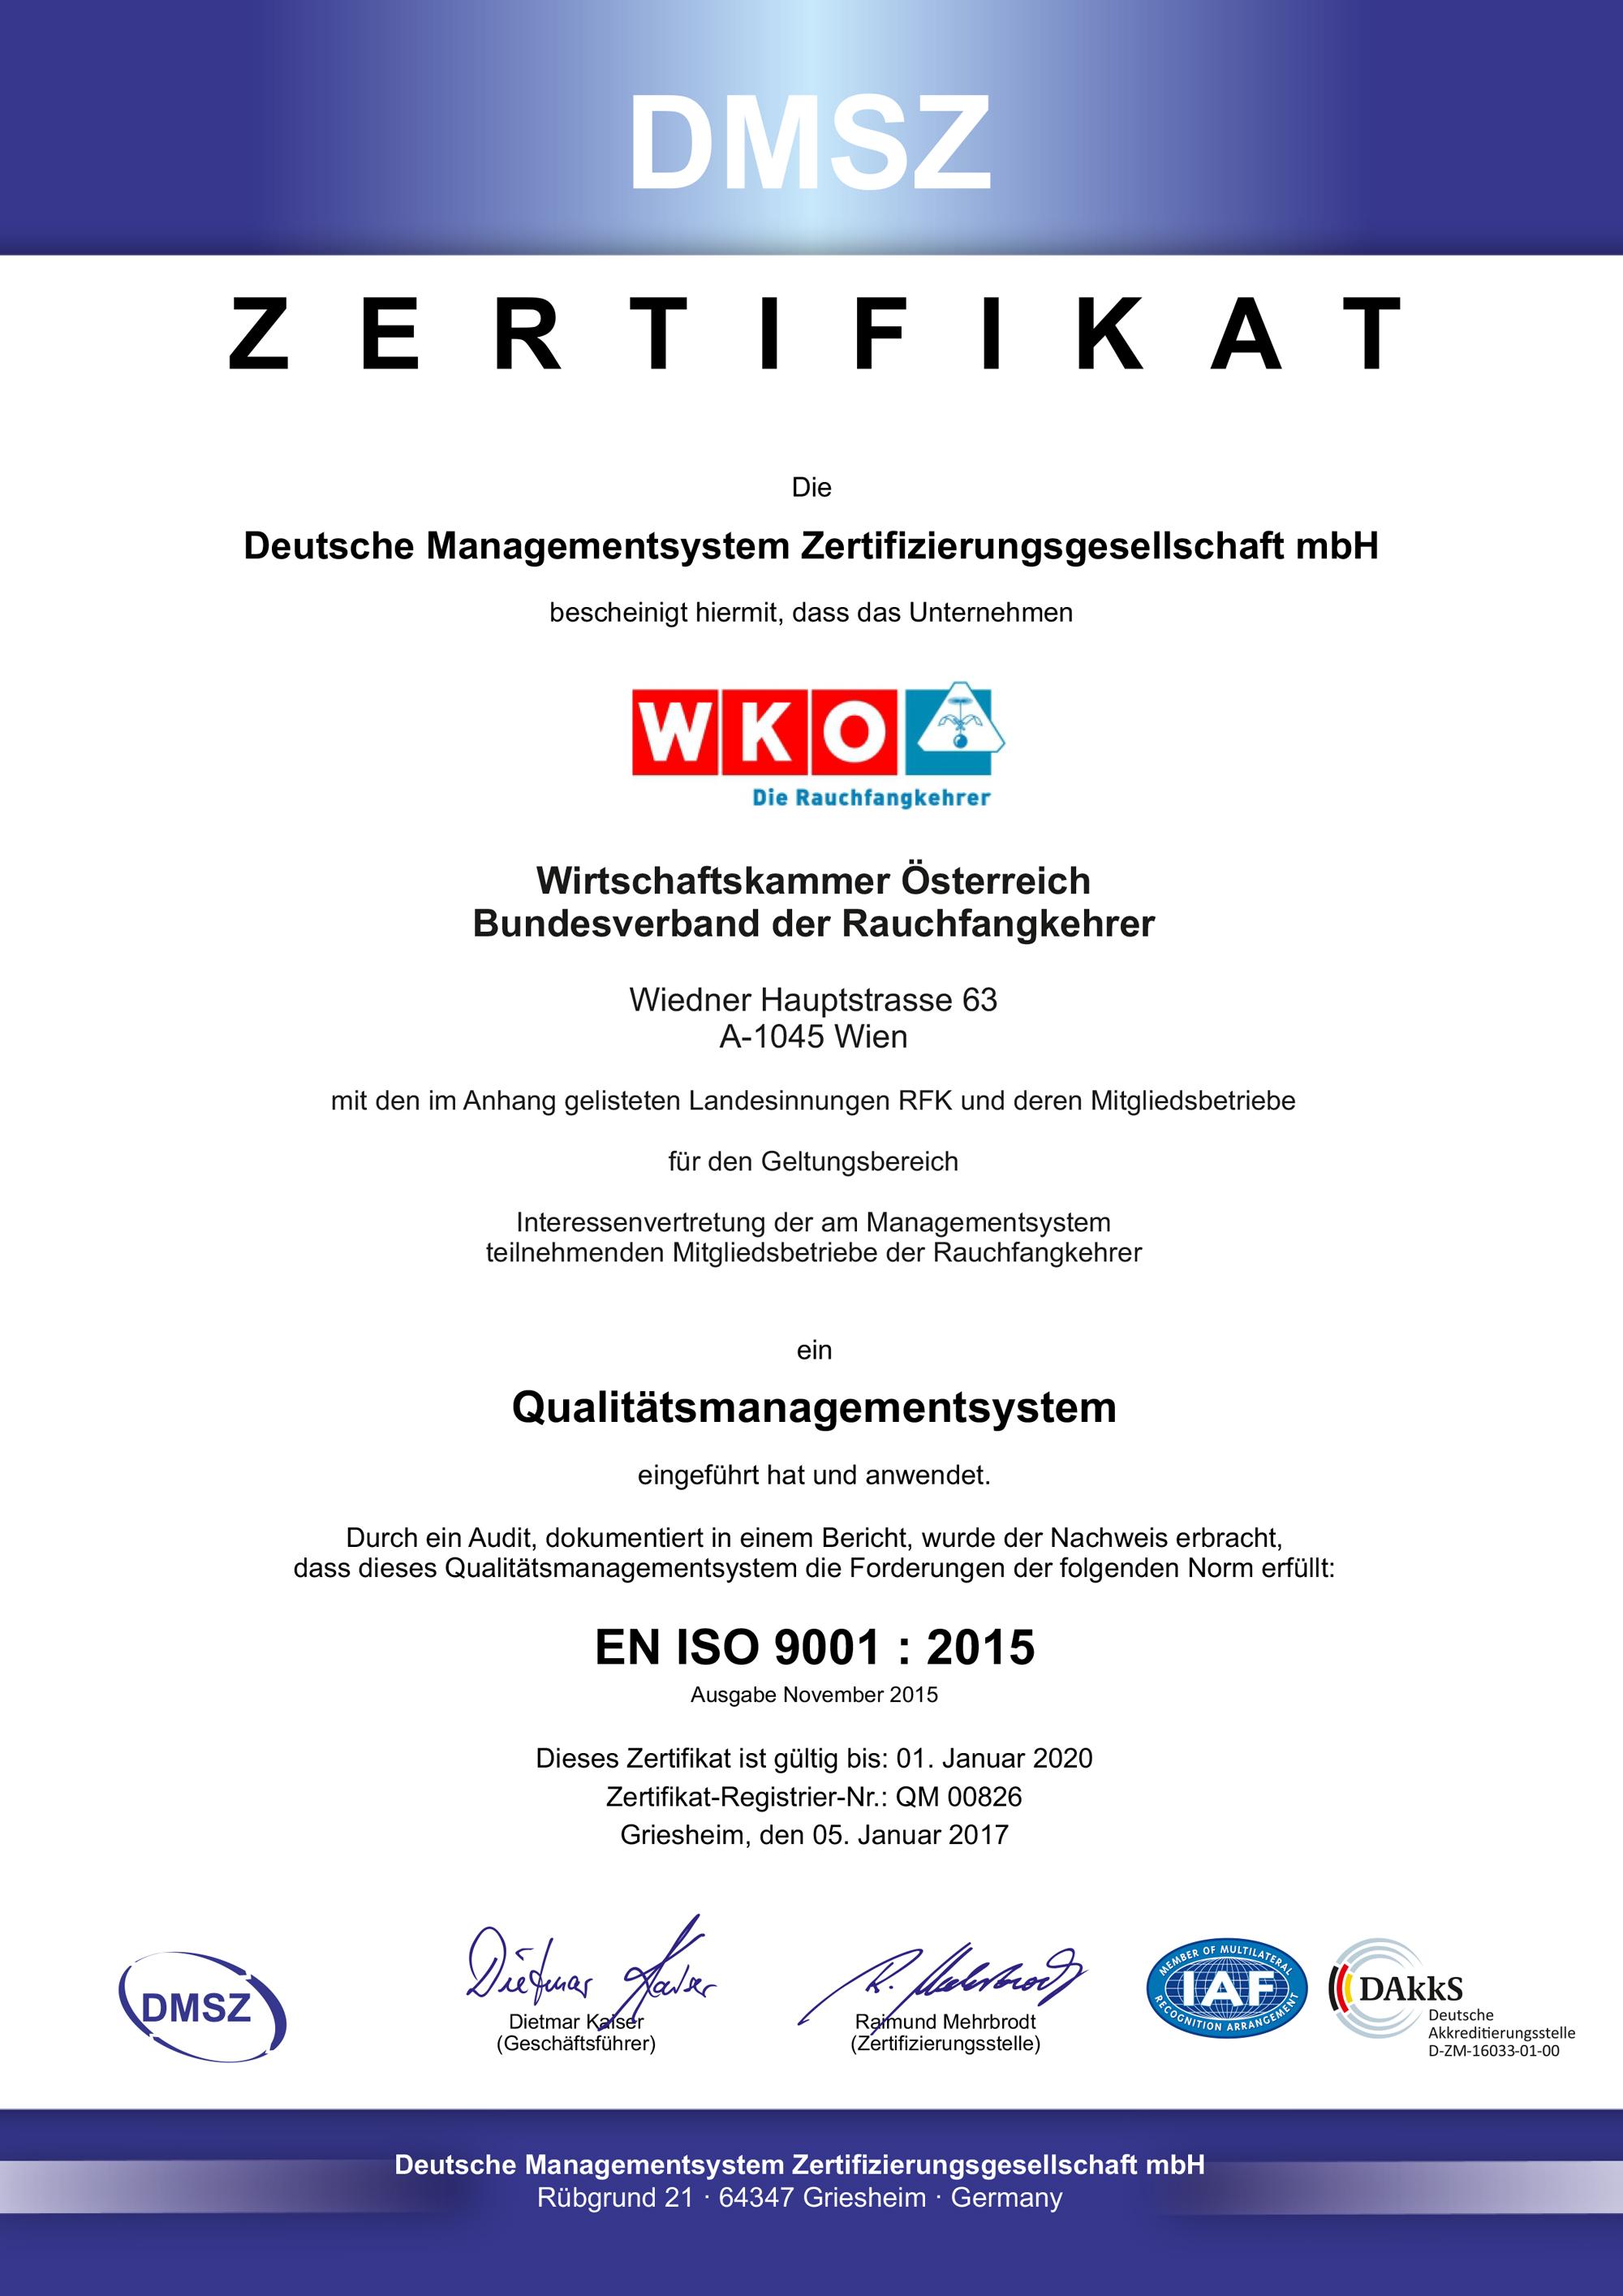 9001_Hauptzertifikat_BI-RFK